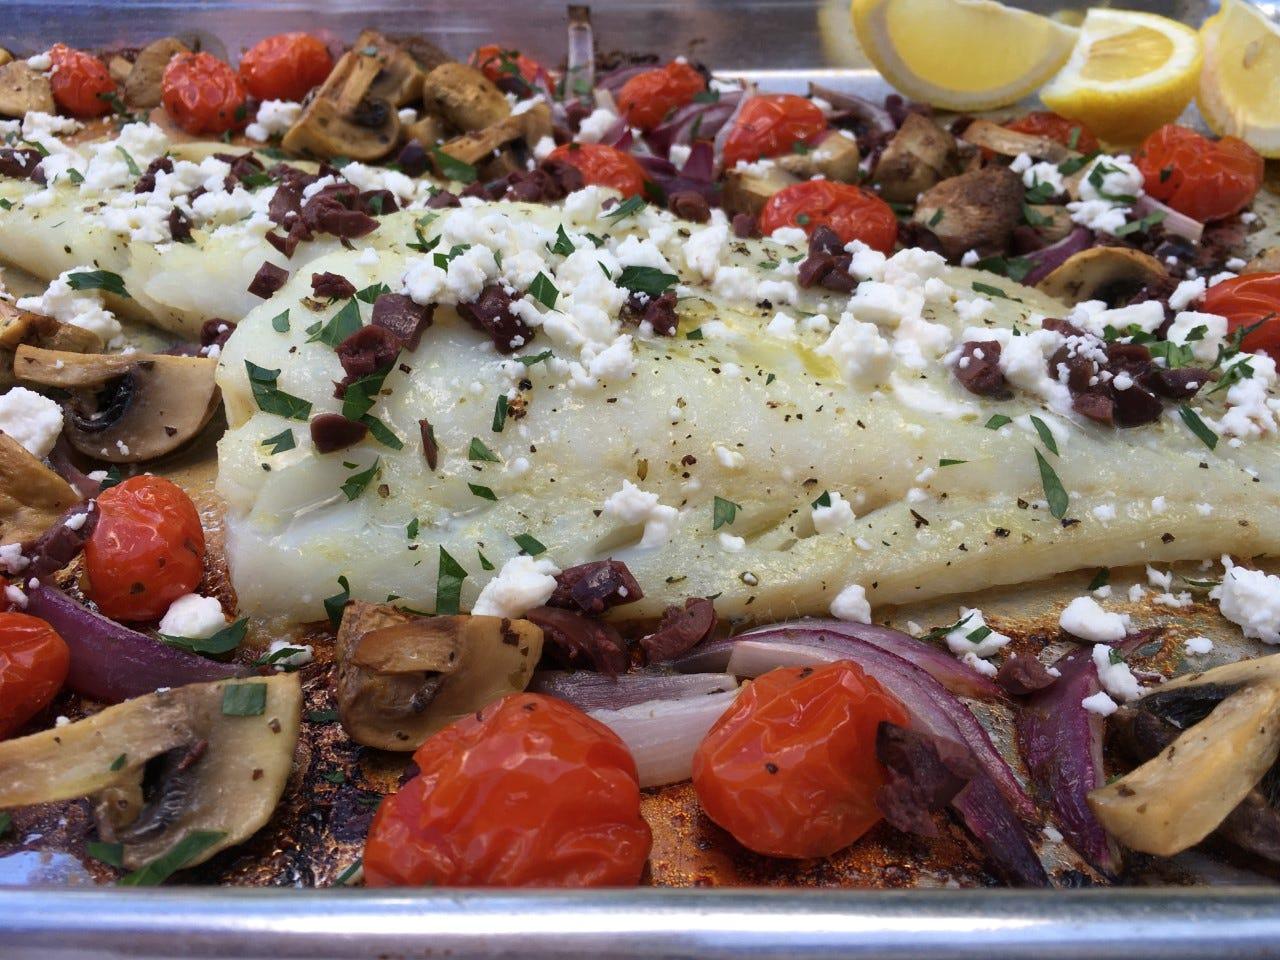 henry ford health system mediterranean diet